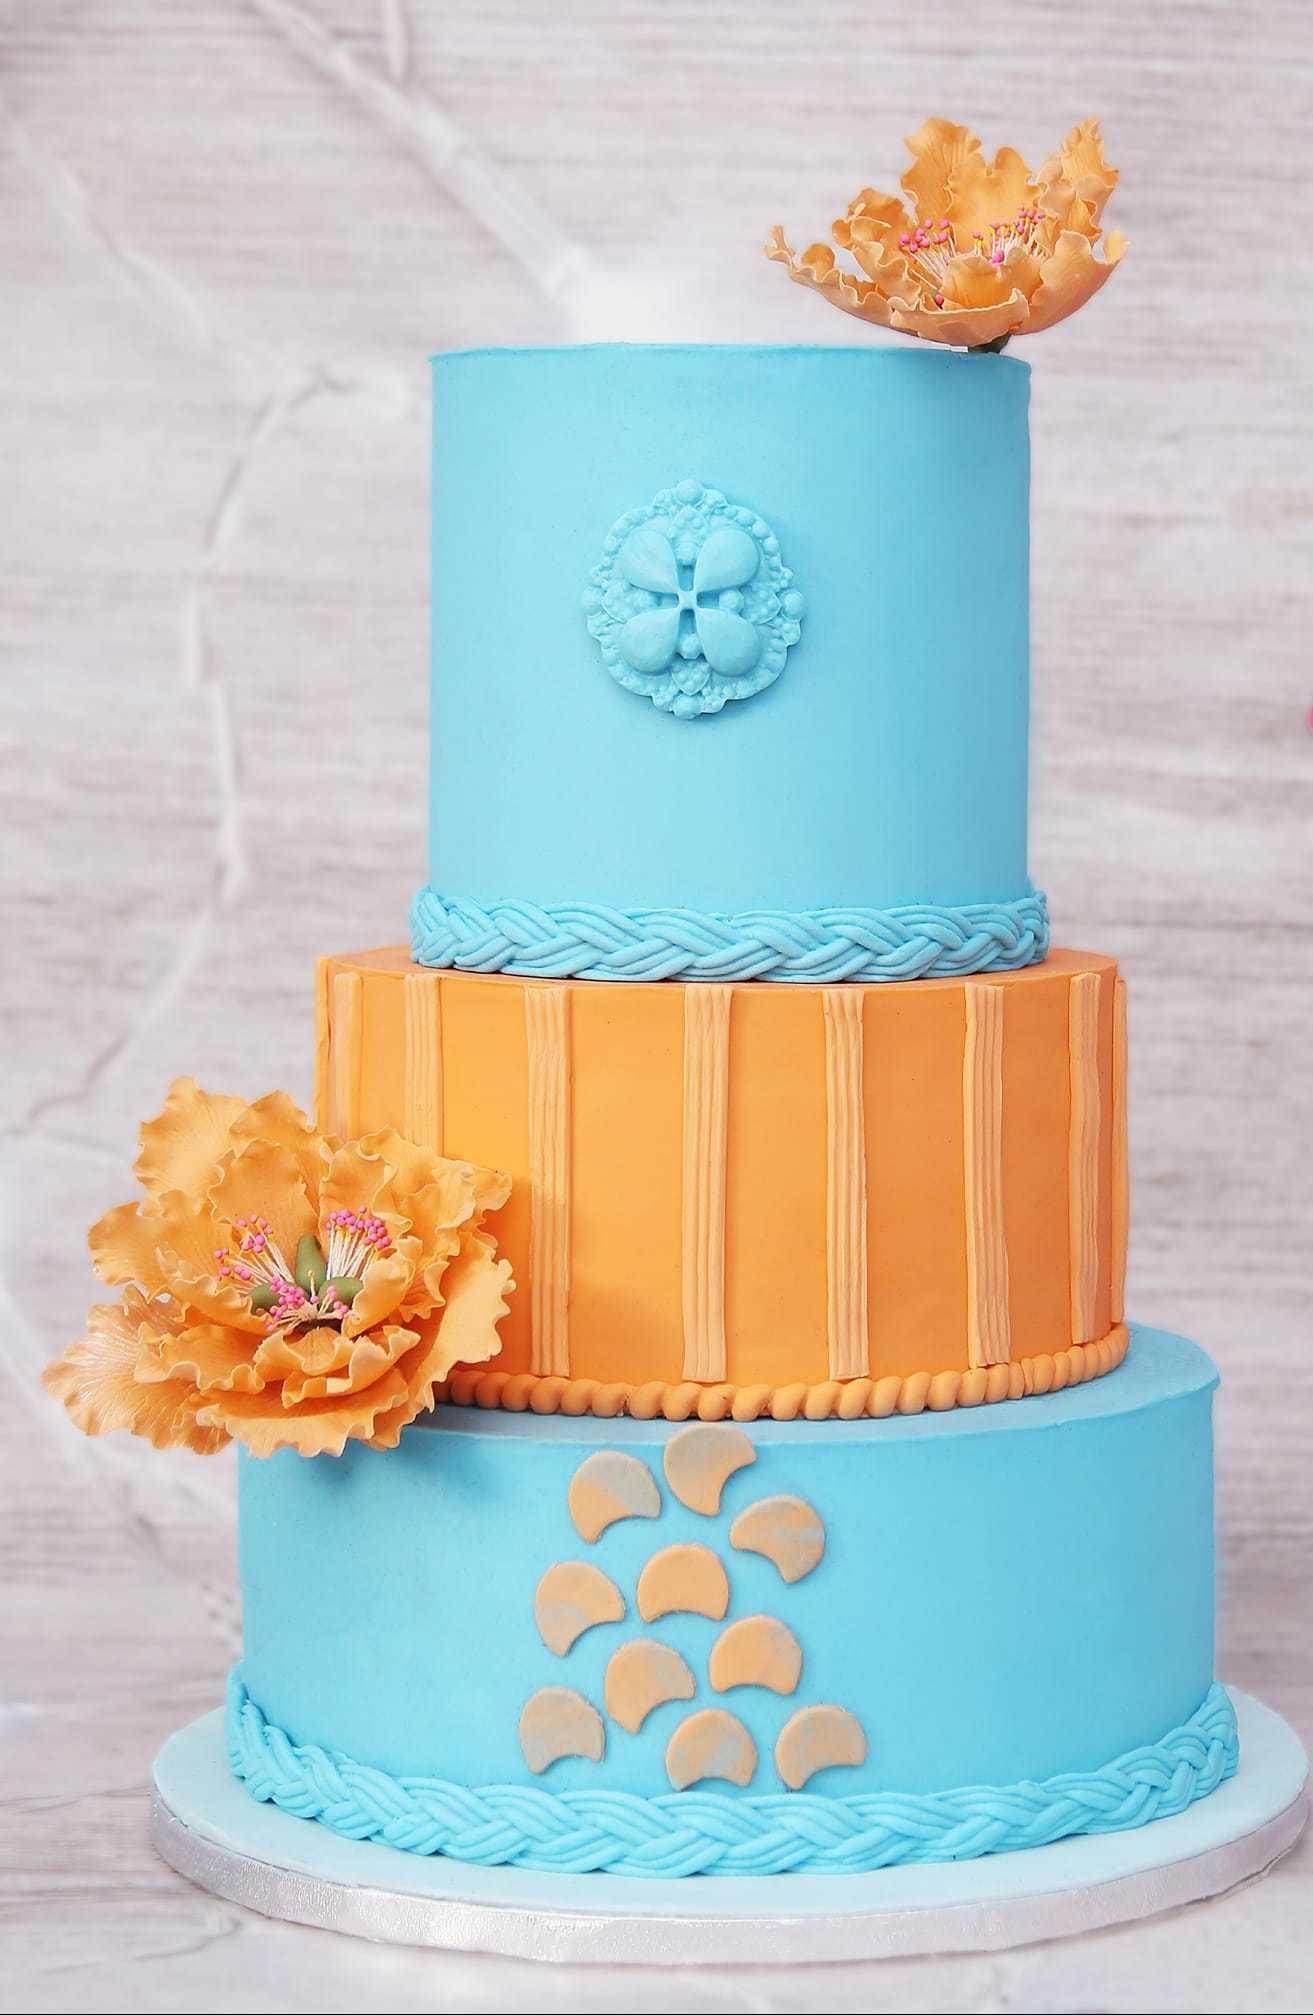 Light blue and orange fondant wedding cake with orange sugar flowers